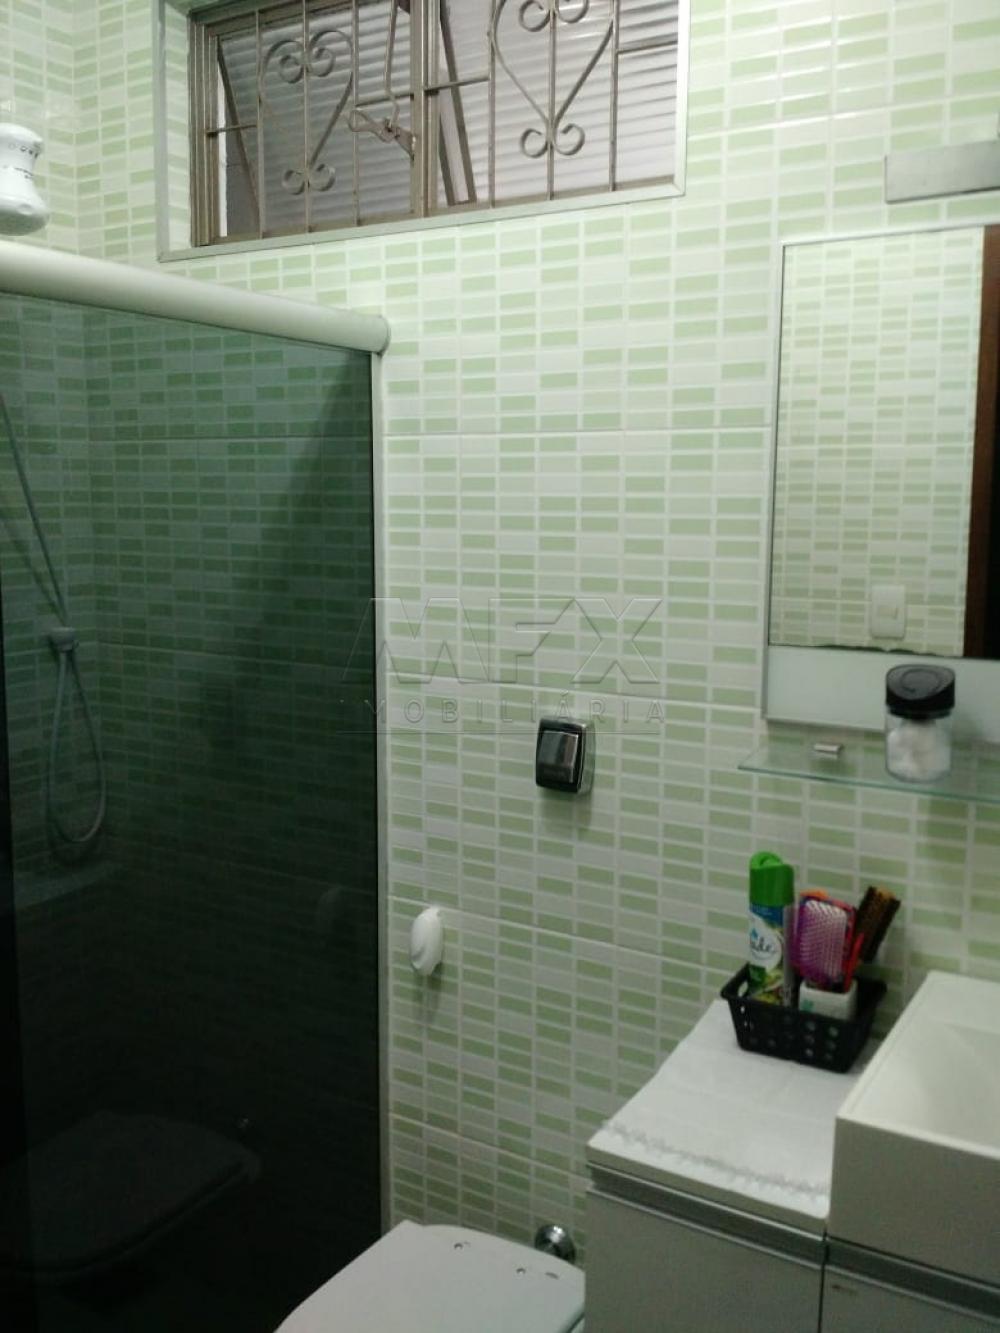 Comprar Casa / Padrão em Bauru apenas R$ 3.000.000,06 - Foto 10